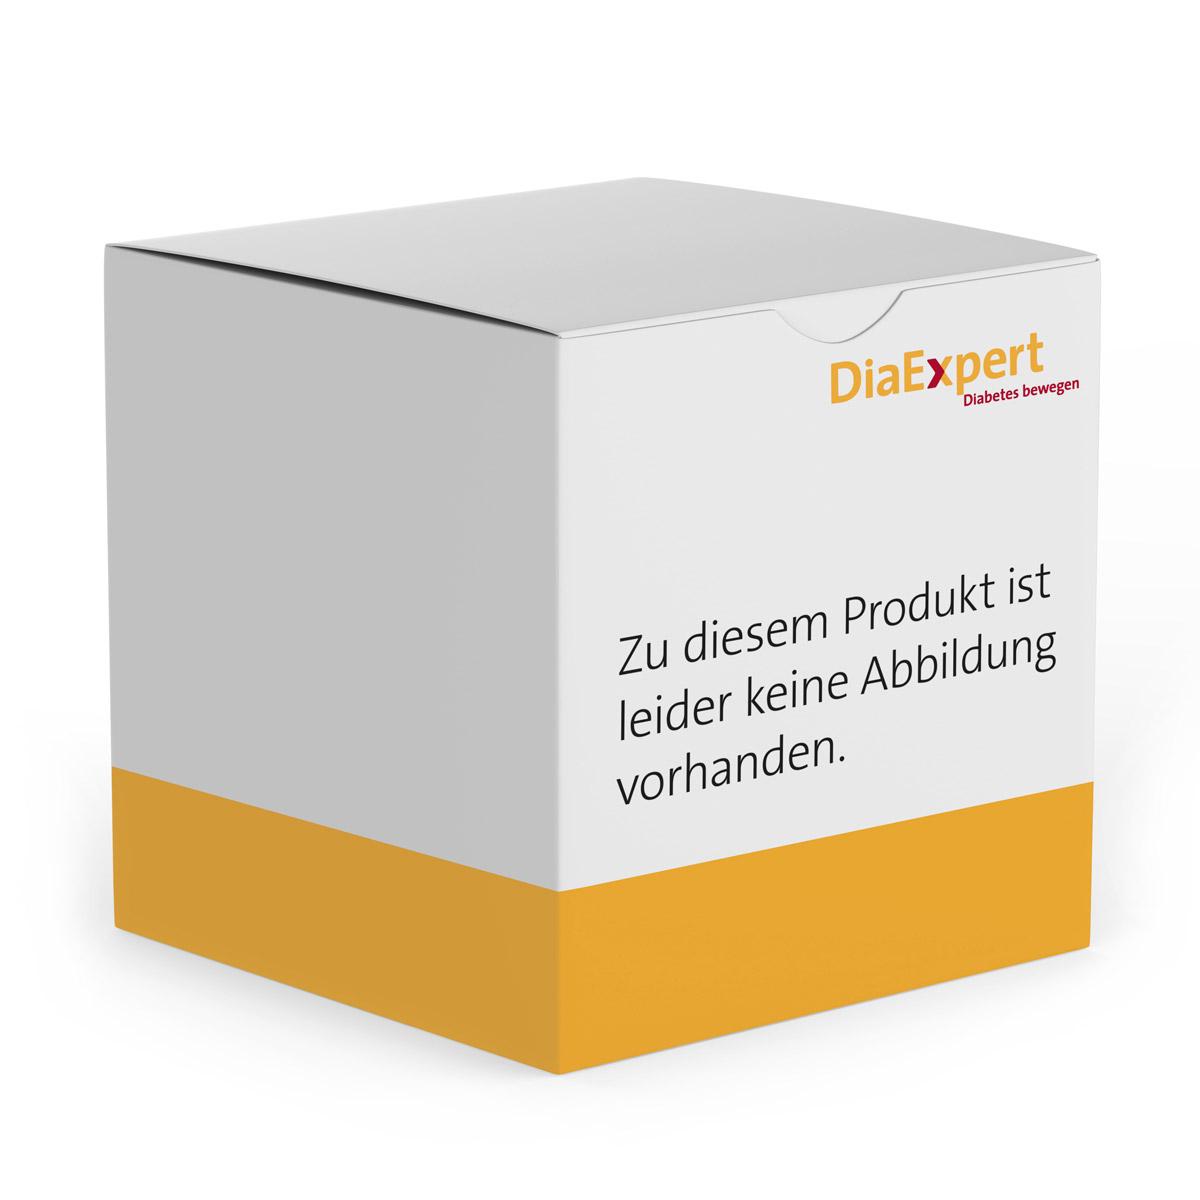 Medtrum A6 TouchCare Glucosesensoren 4 Stück